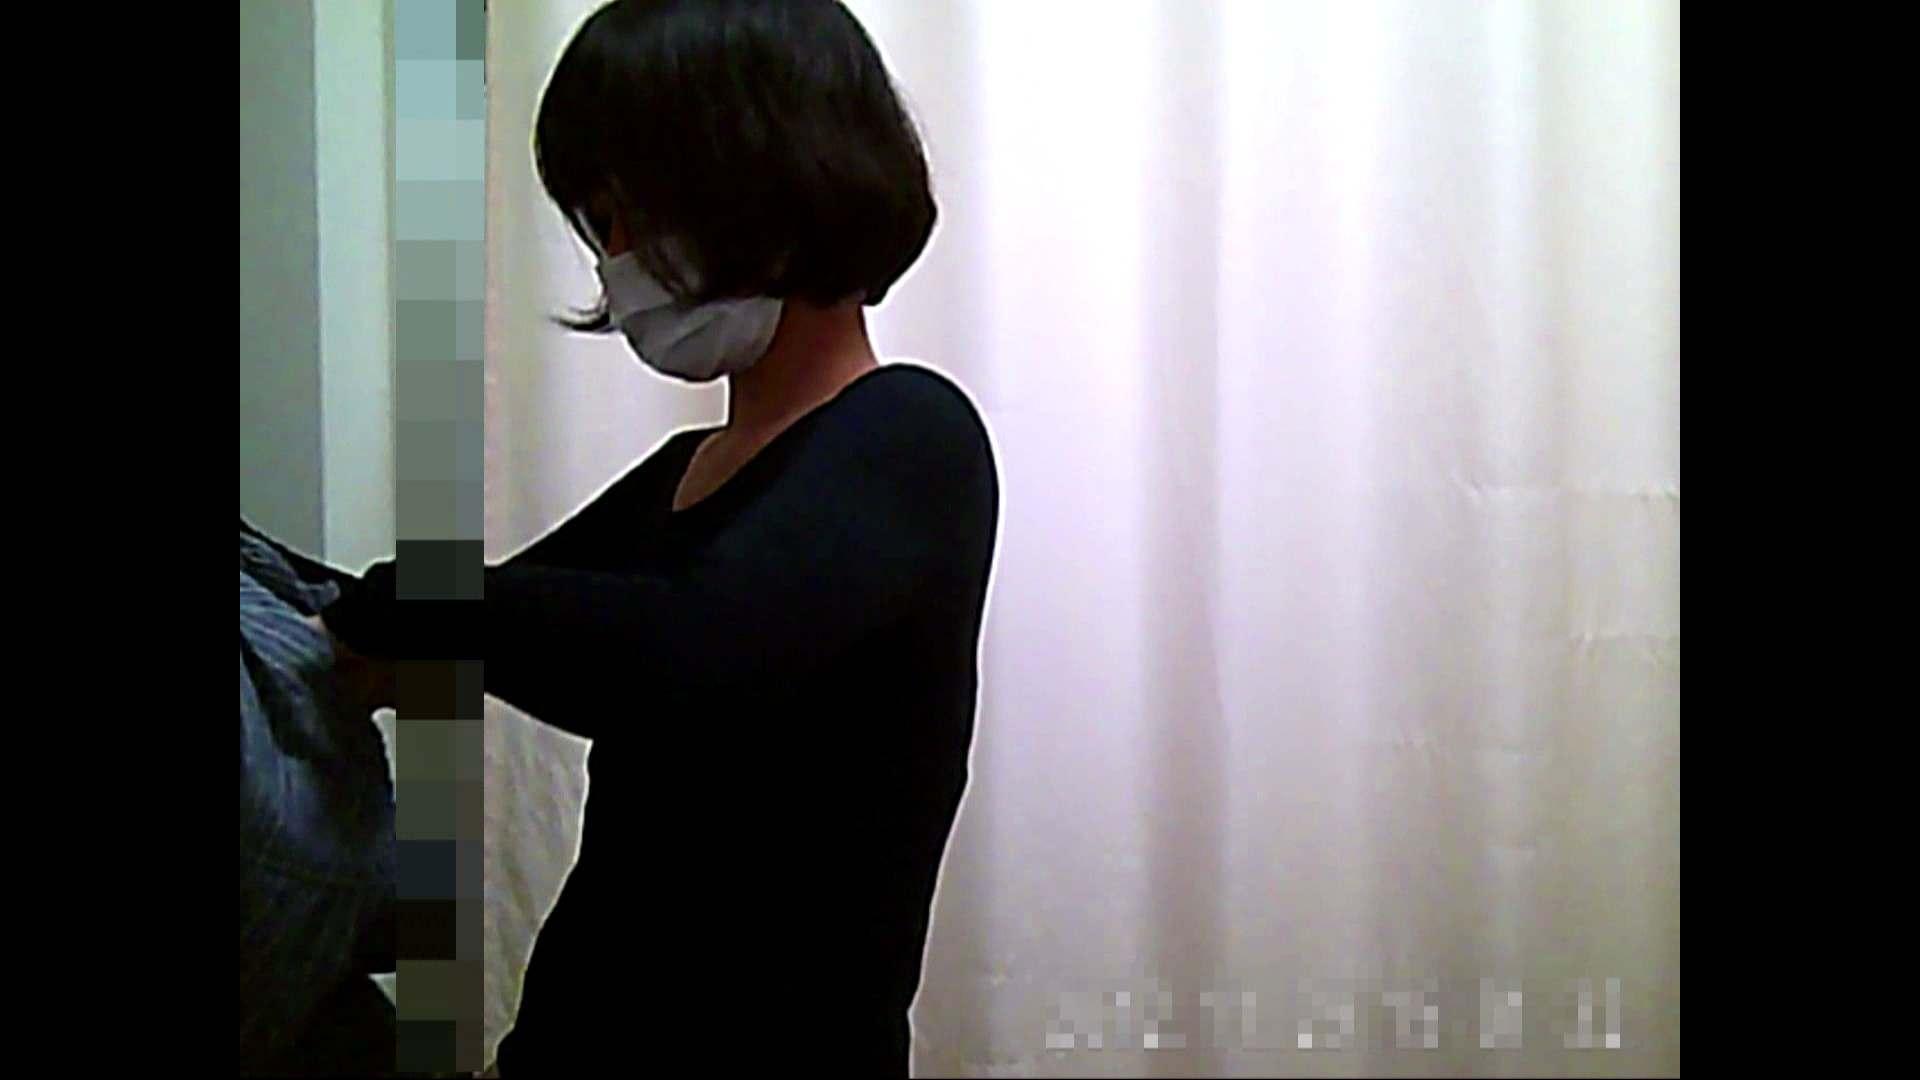 病院おもいっきり着替え! vol.164 貧乳 ワレメ無修正動画無料 80PIX 20